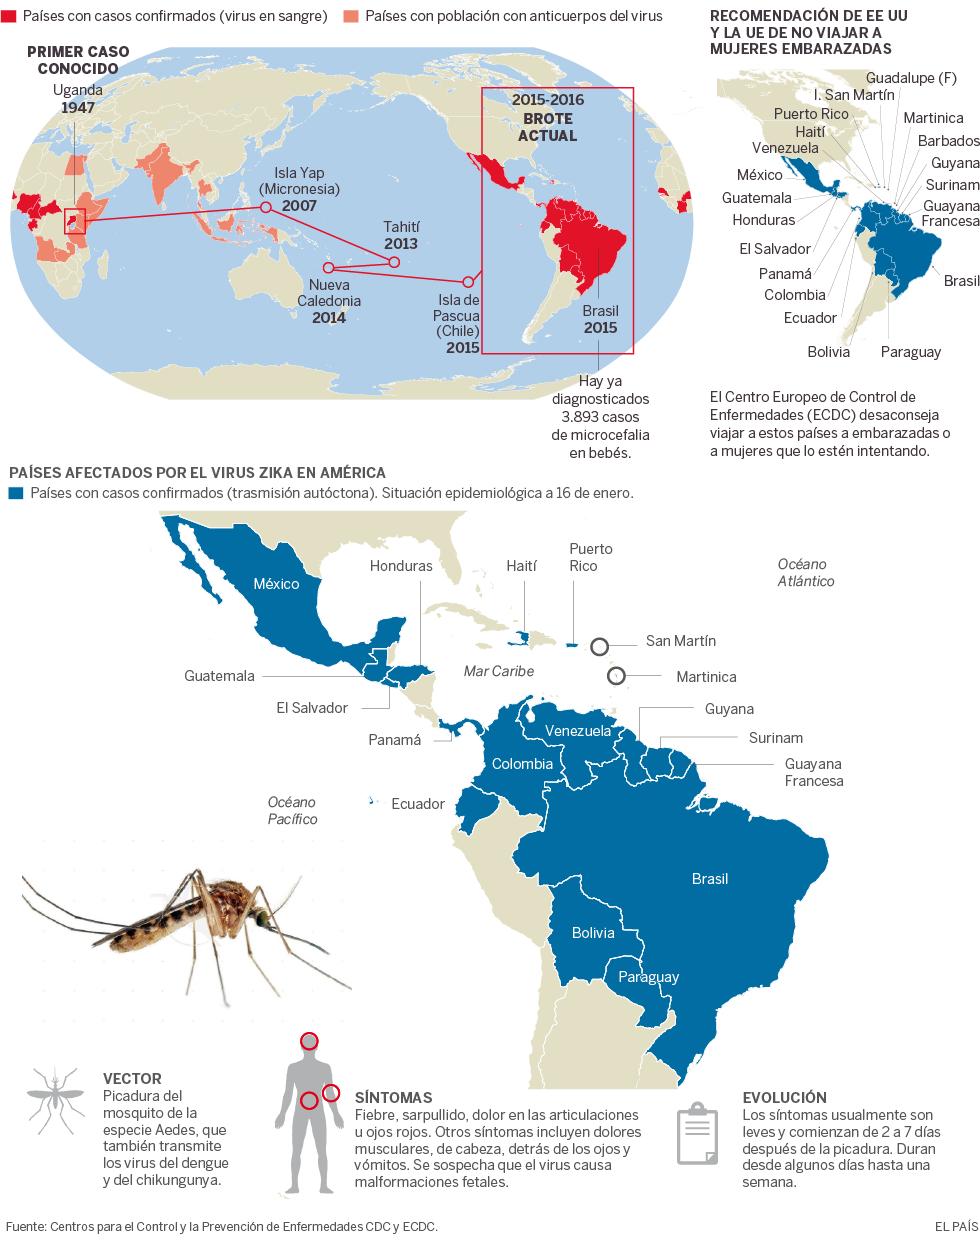 Evolución del virus zika en el mundo